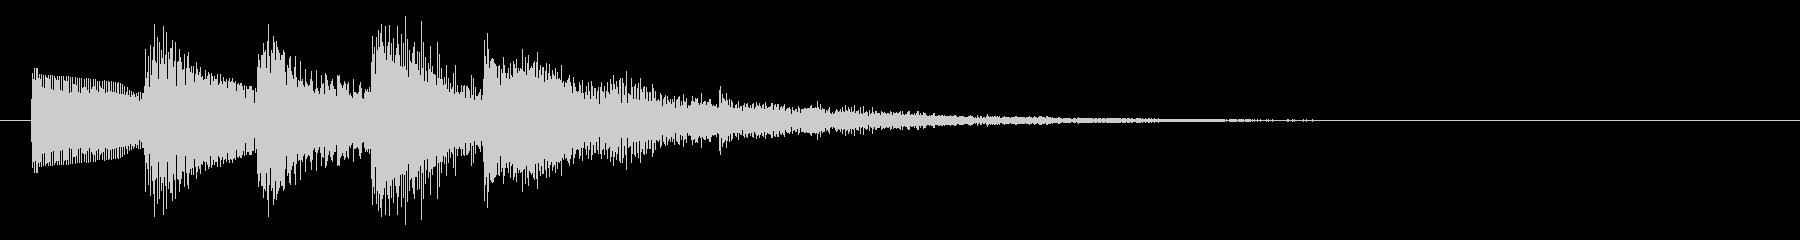 KANTシンセジングル010171の未再生の波形